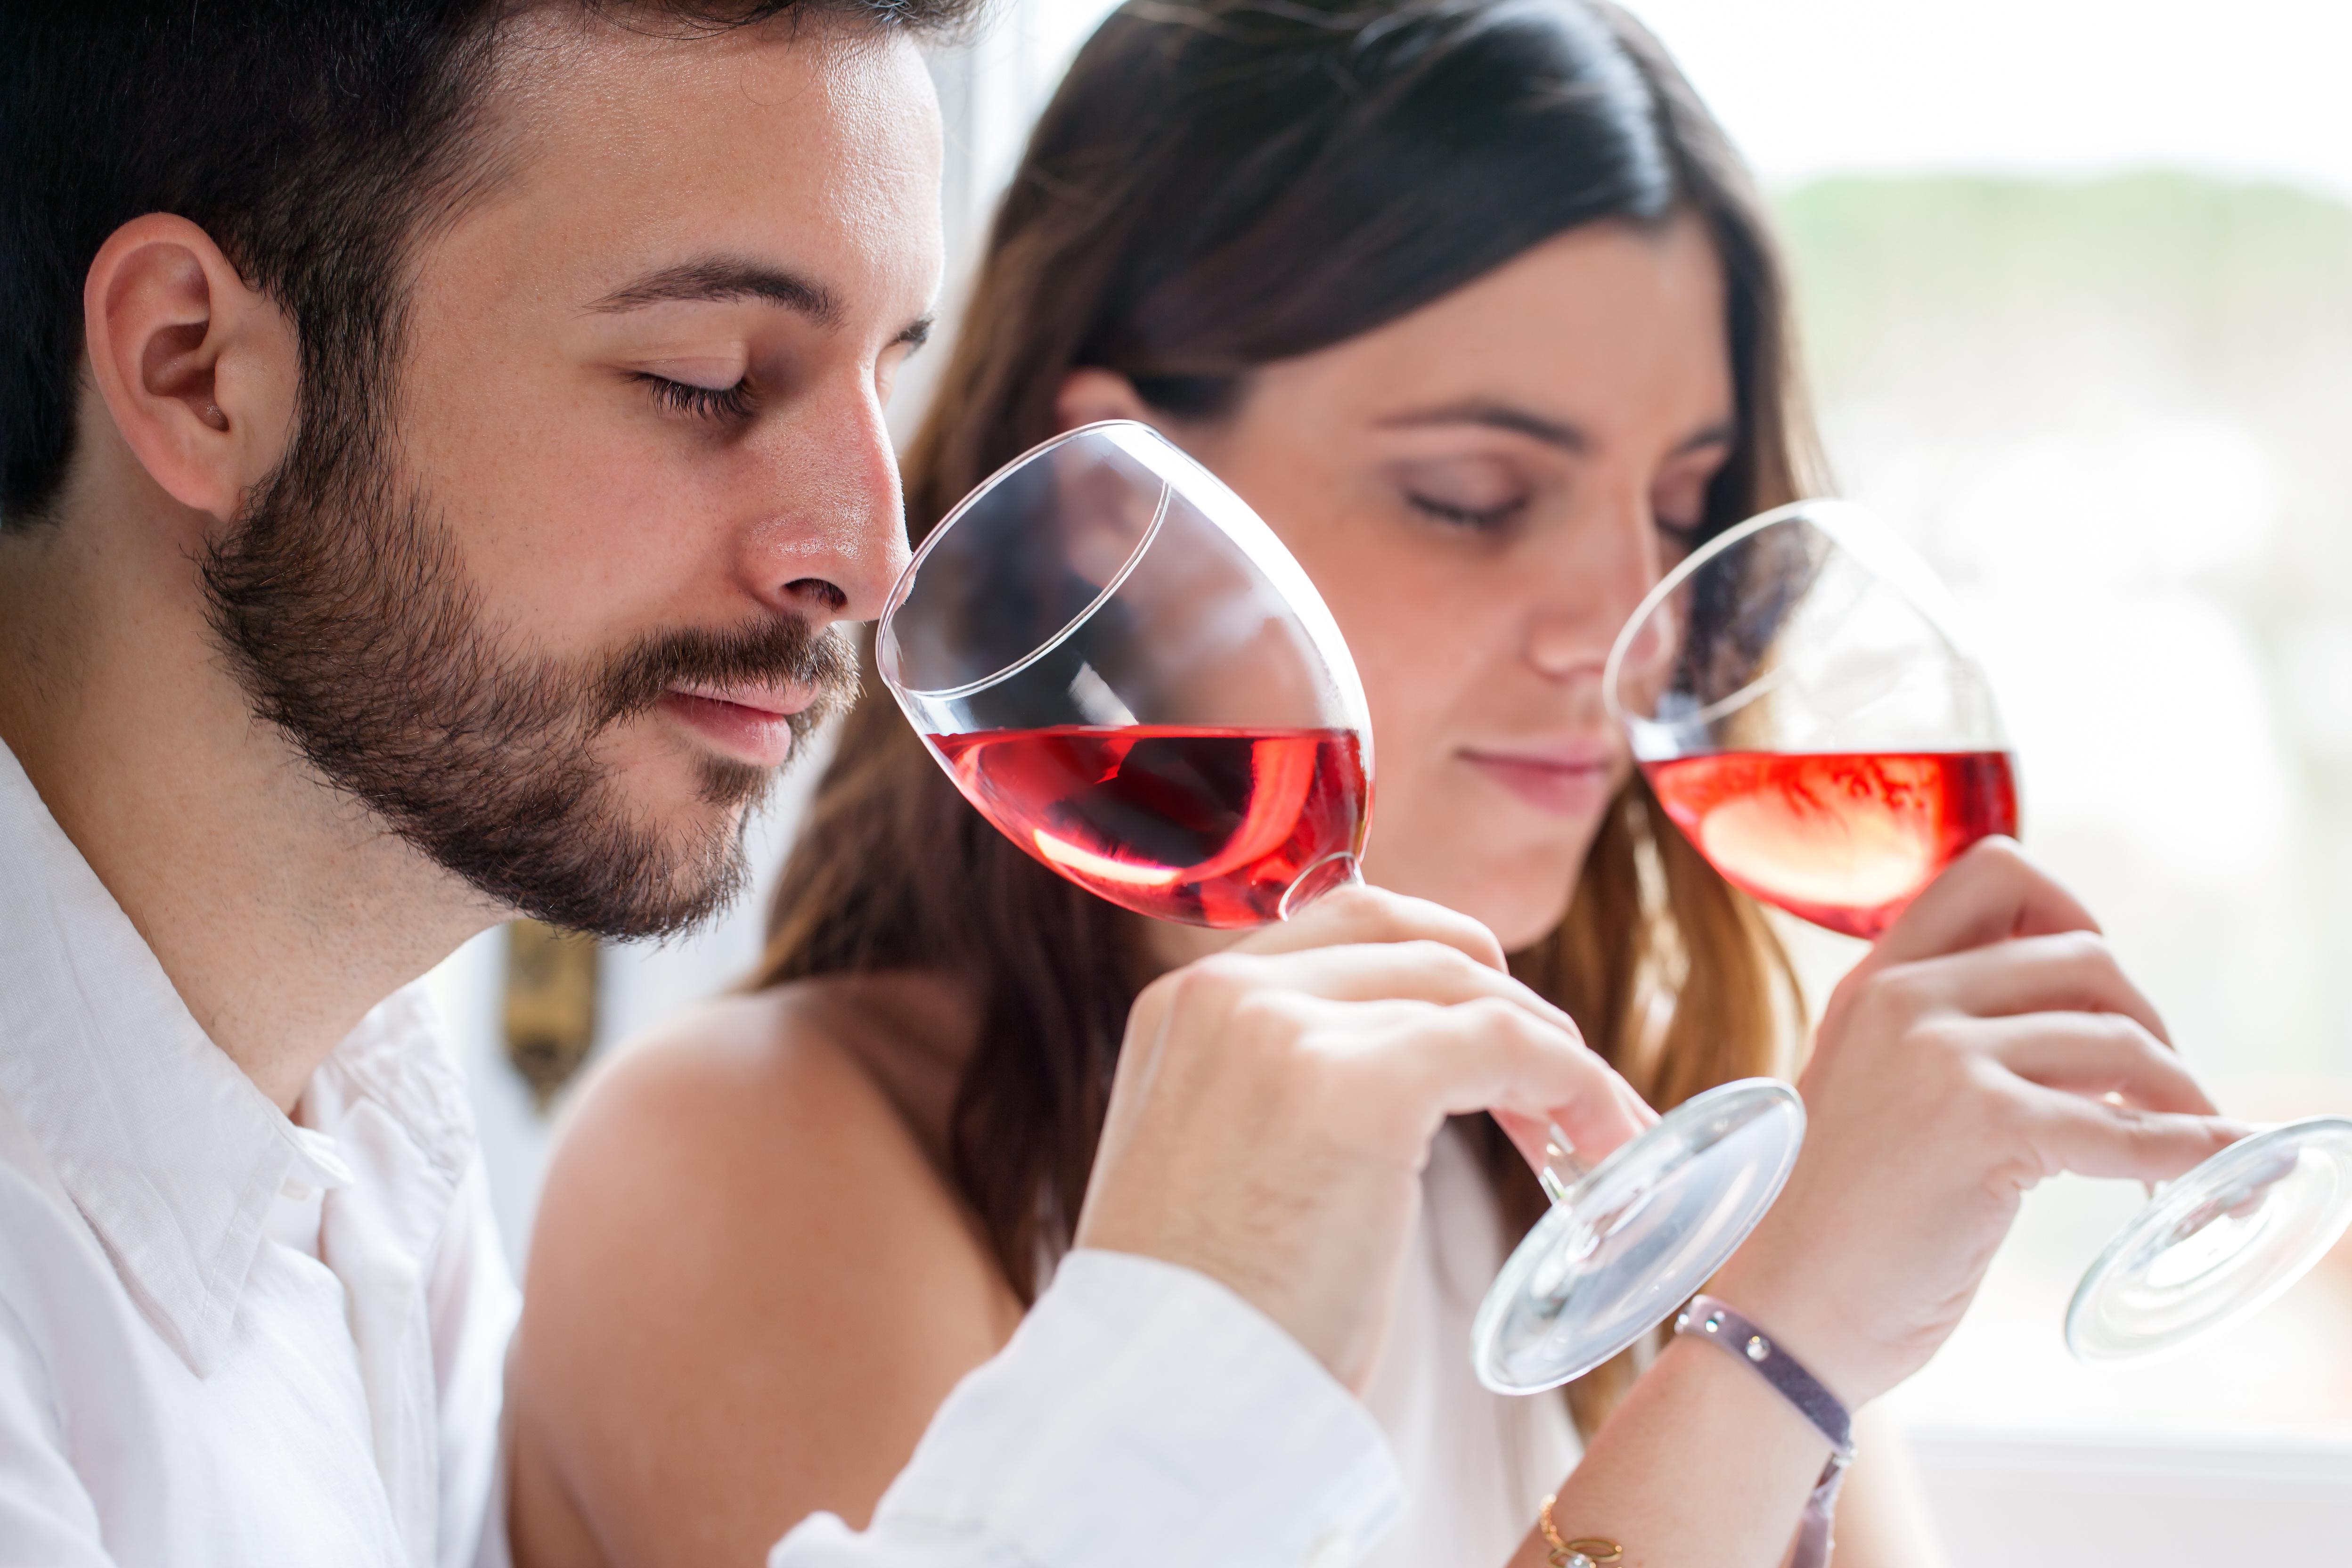 Науката го доказва – миризмата на алкохола го прави трудно устоим